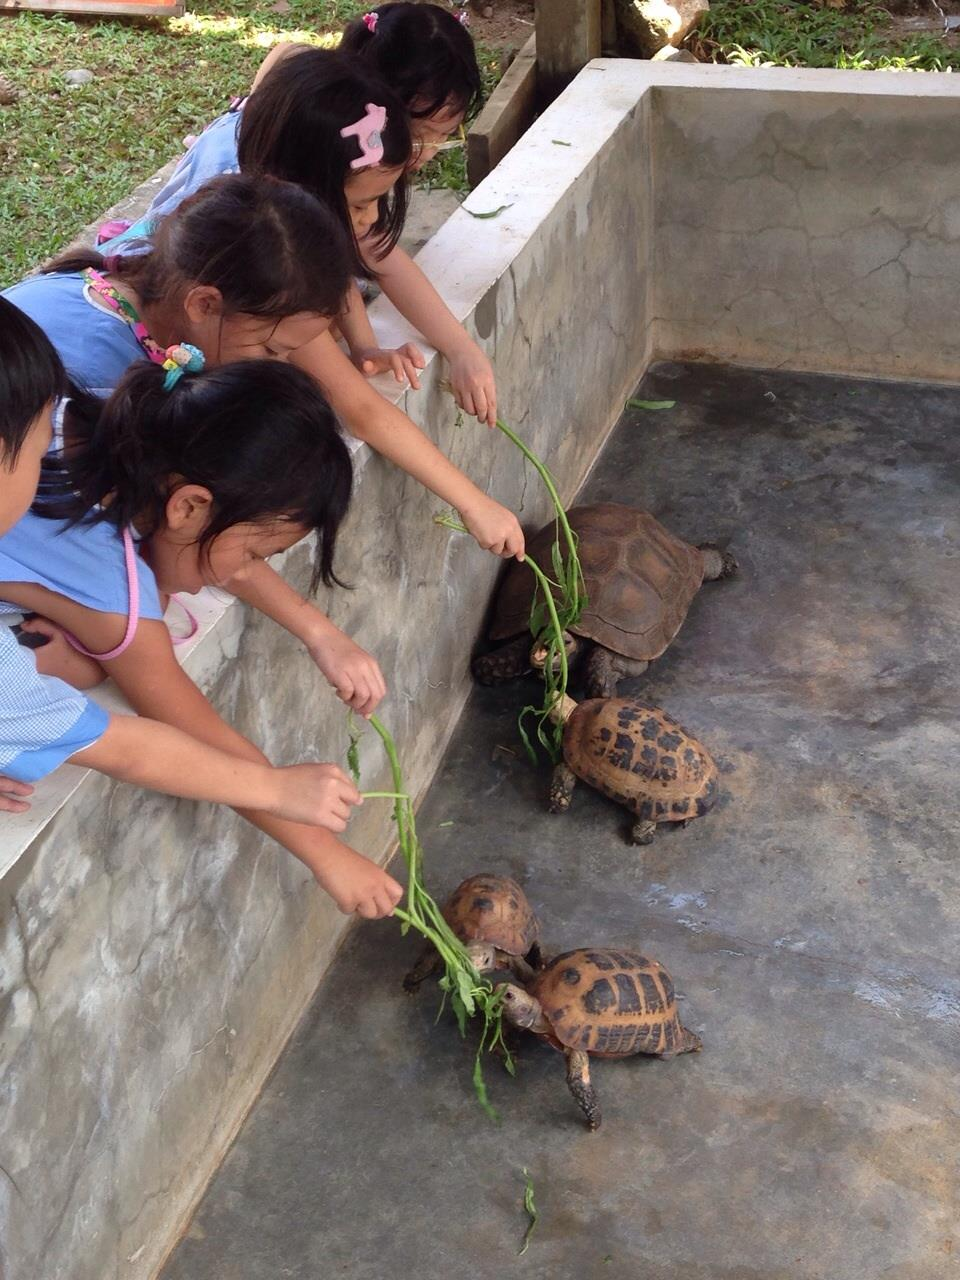 18.-Turtles.jpg